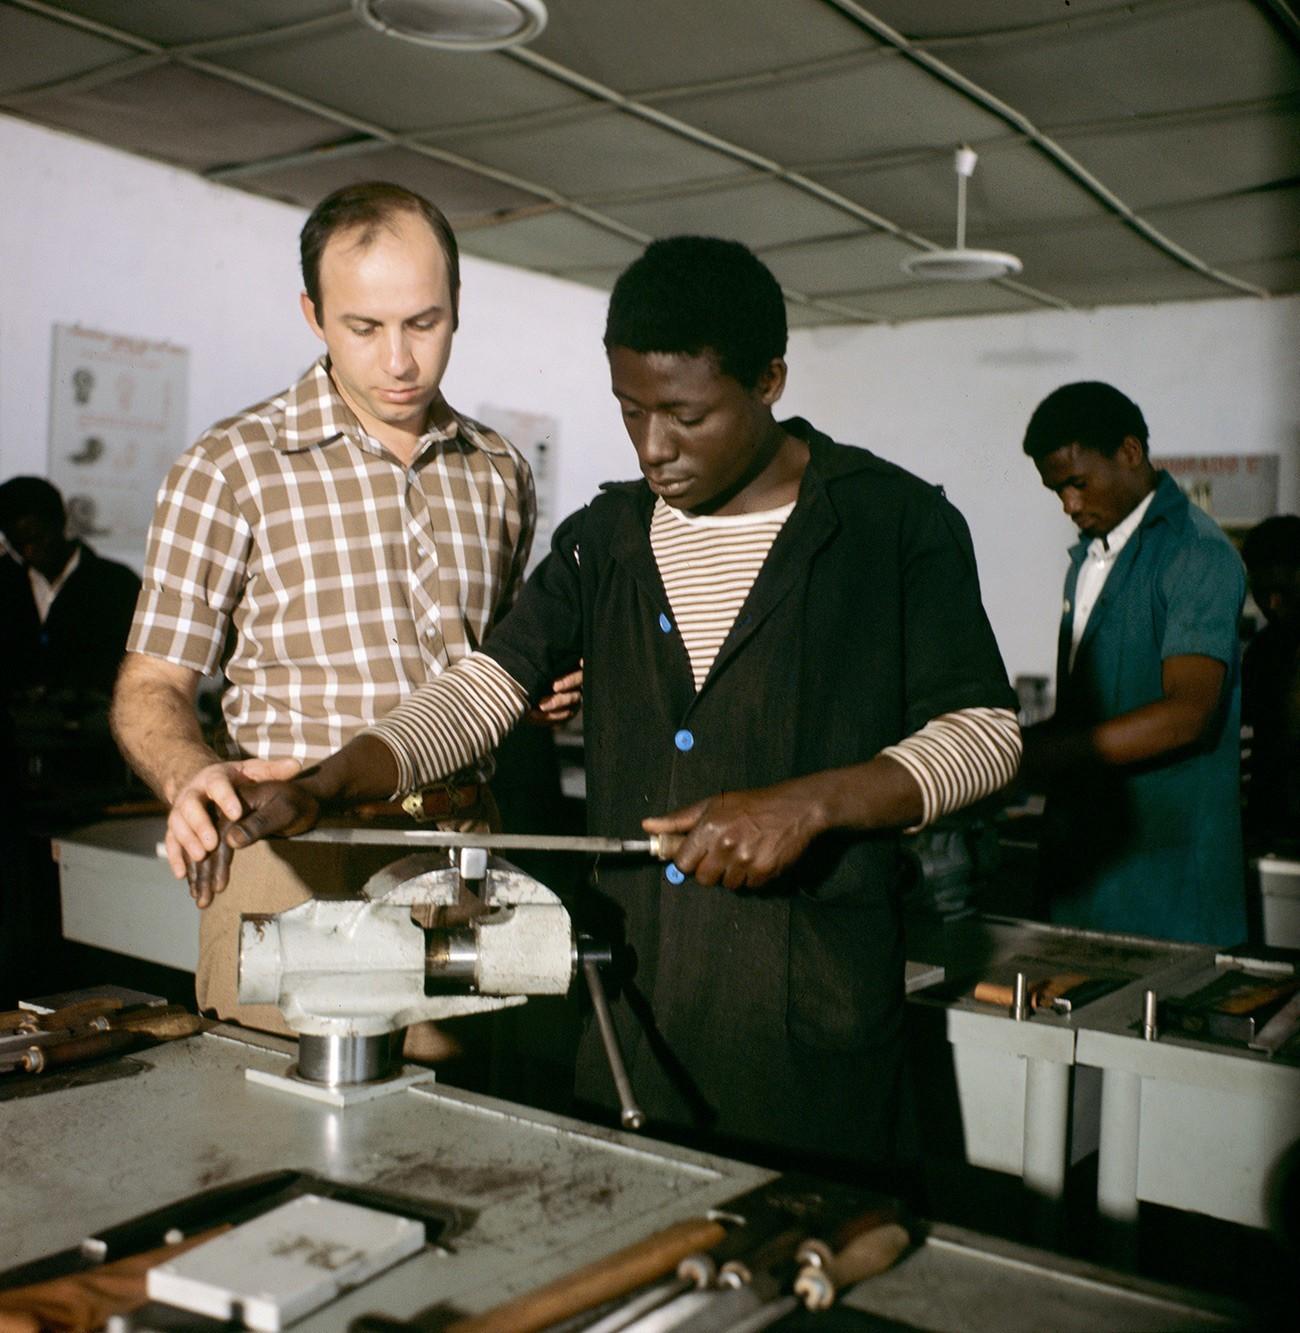 Sovjetski ključavničar uči afriškega študenta